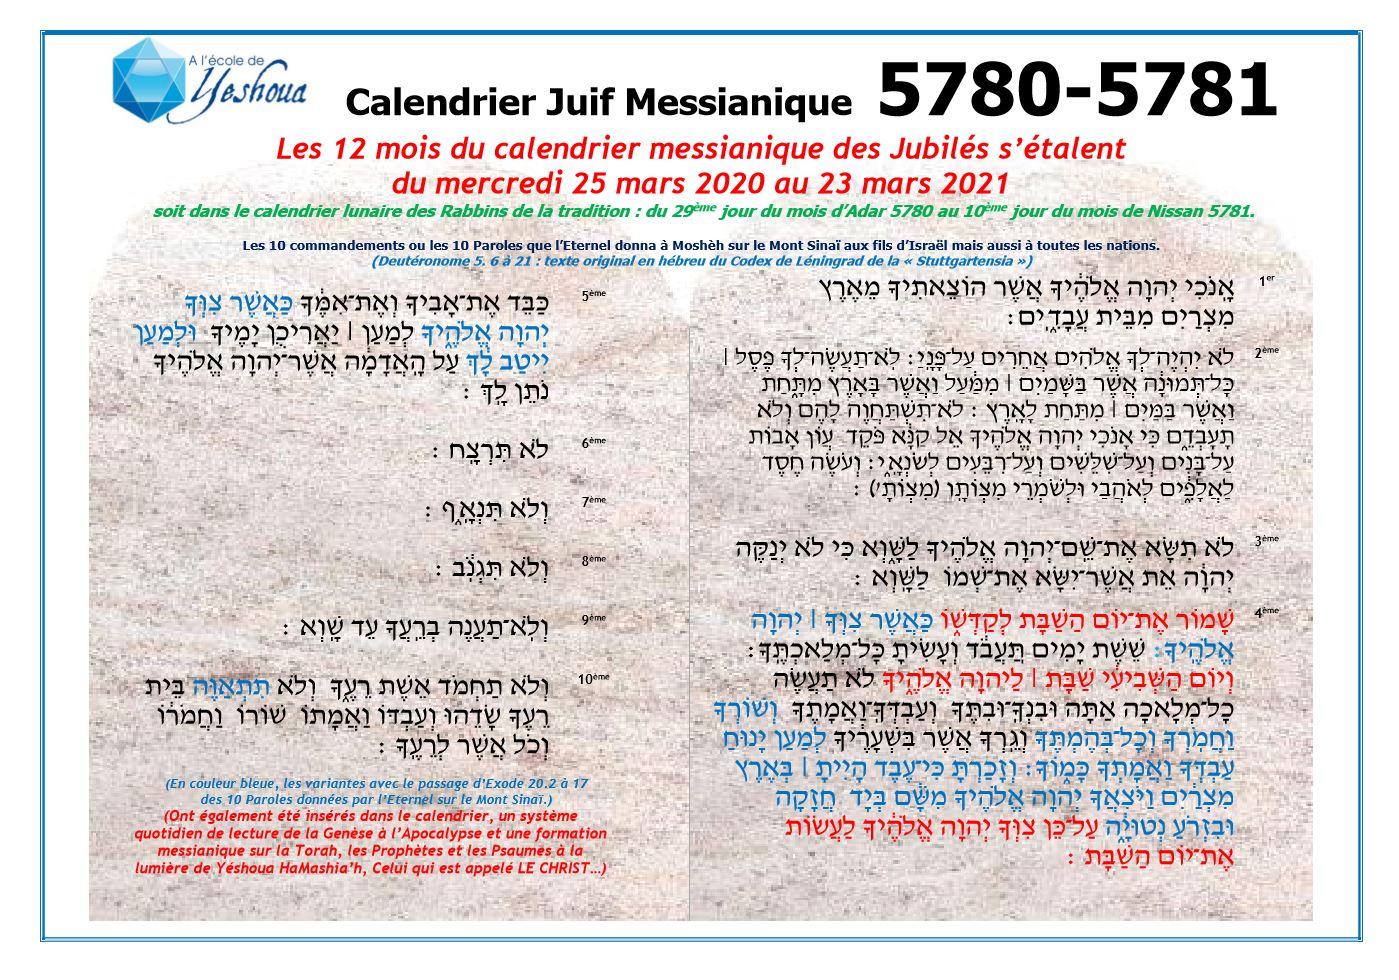 Calendrier Hebraique 2021 Nouveau) CALENDRIER JUIF MESSIANIQUE 5780/5781 – ANNÉE 2020 2021